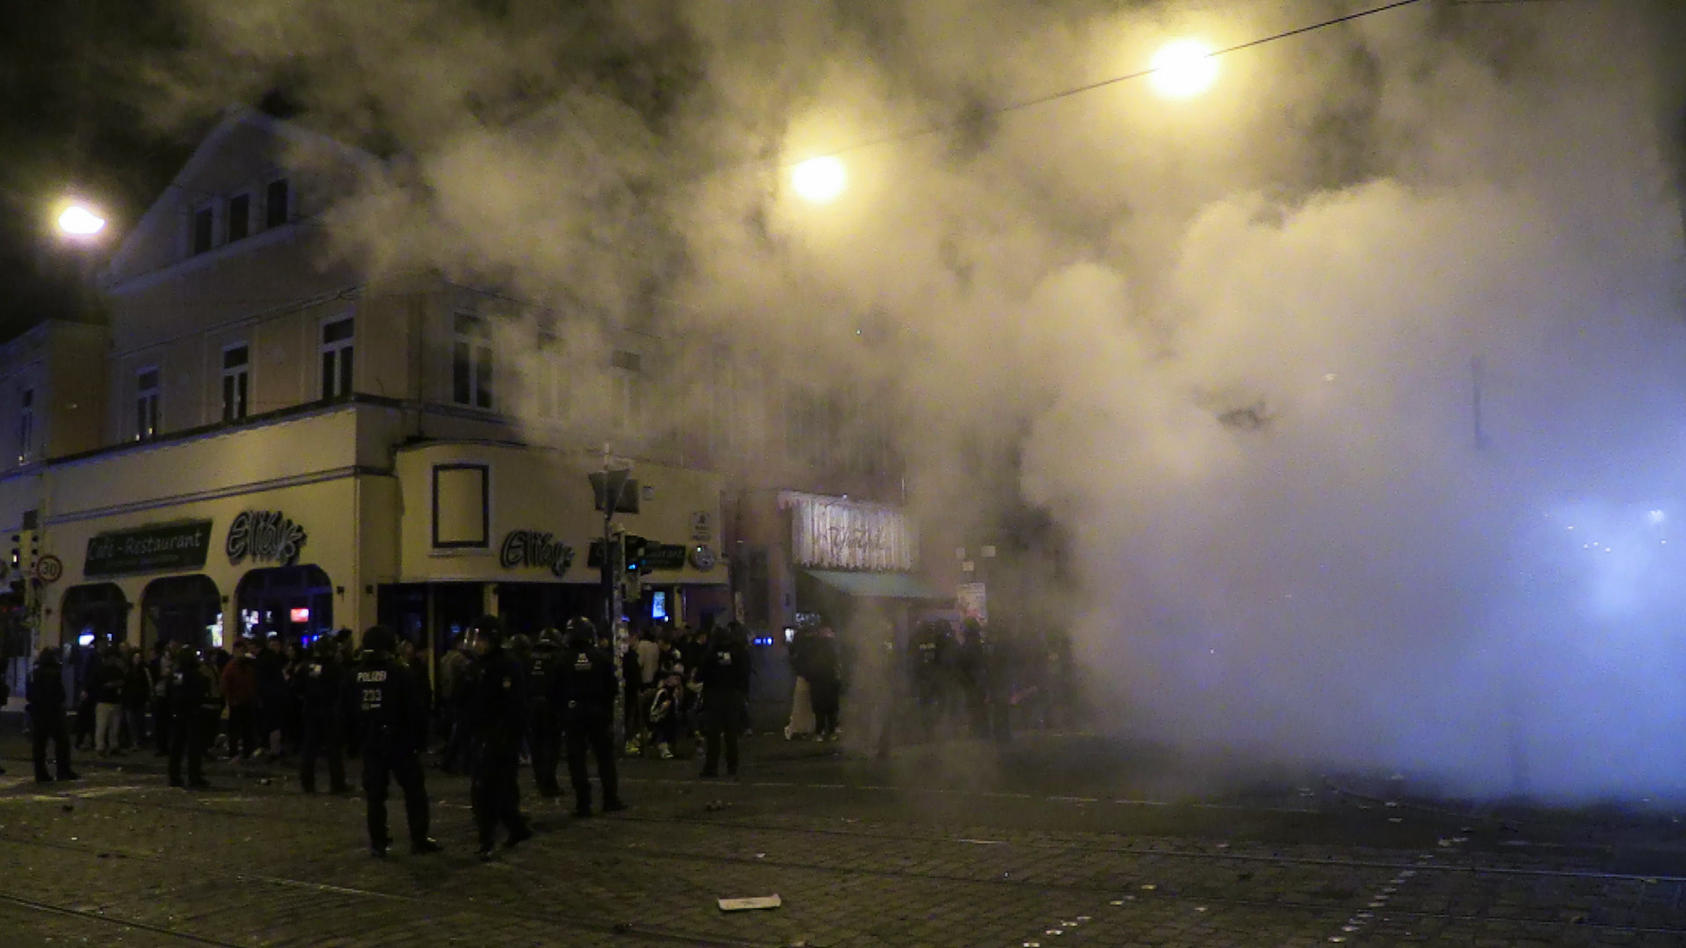 Rund 300 gewalttätige Randalierer haben in der Nacht in Bremen eine Kreuzung besetzt Die Polizei musste mit einem Großaufgebot einschreiten.